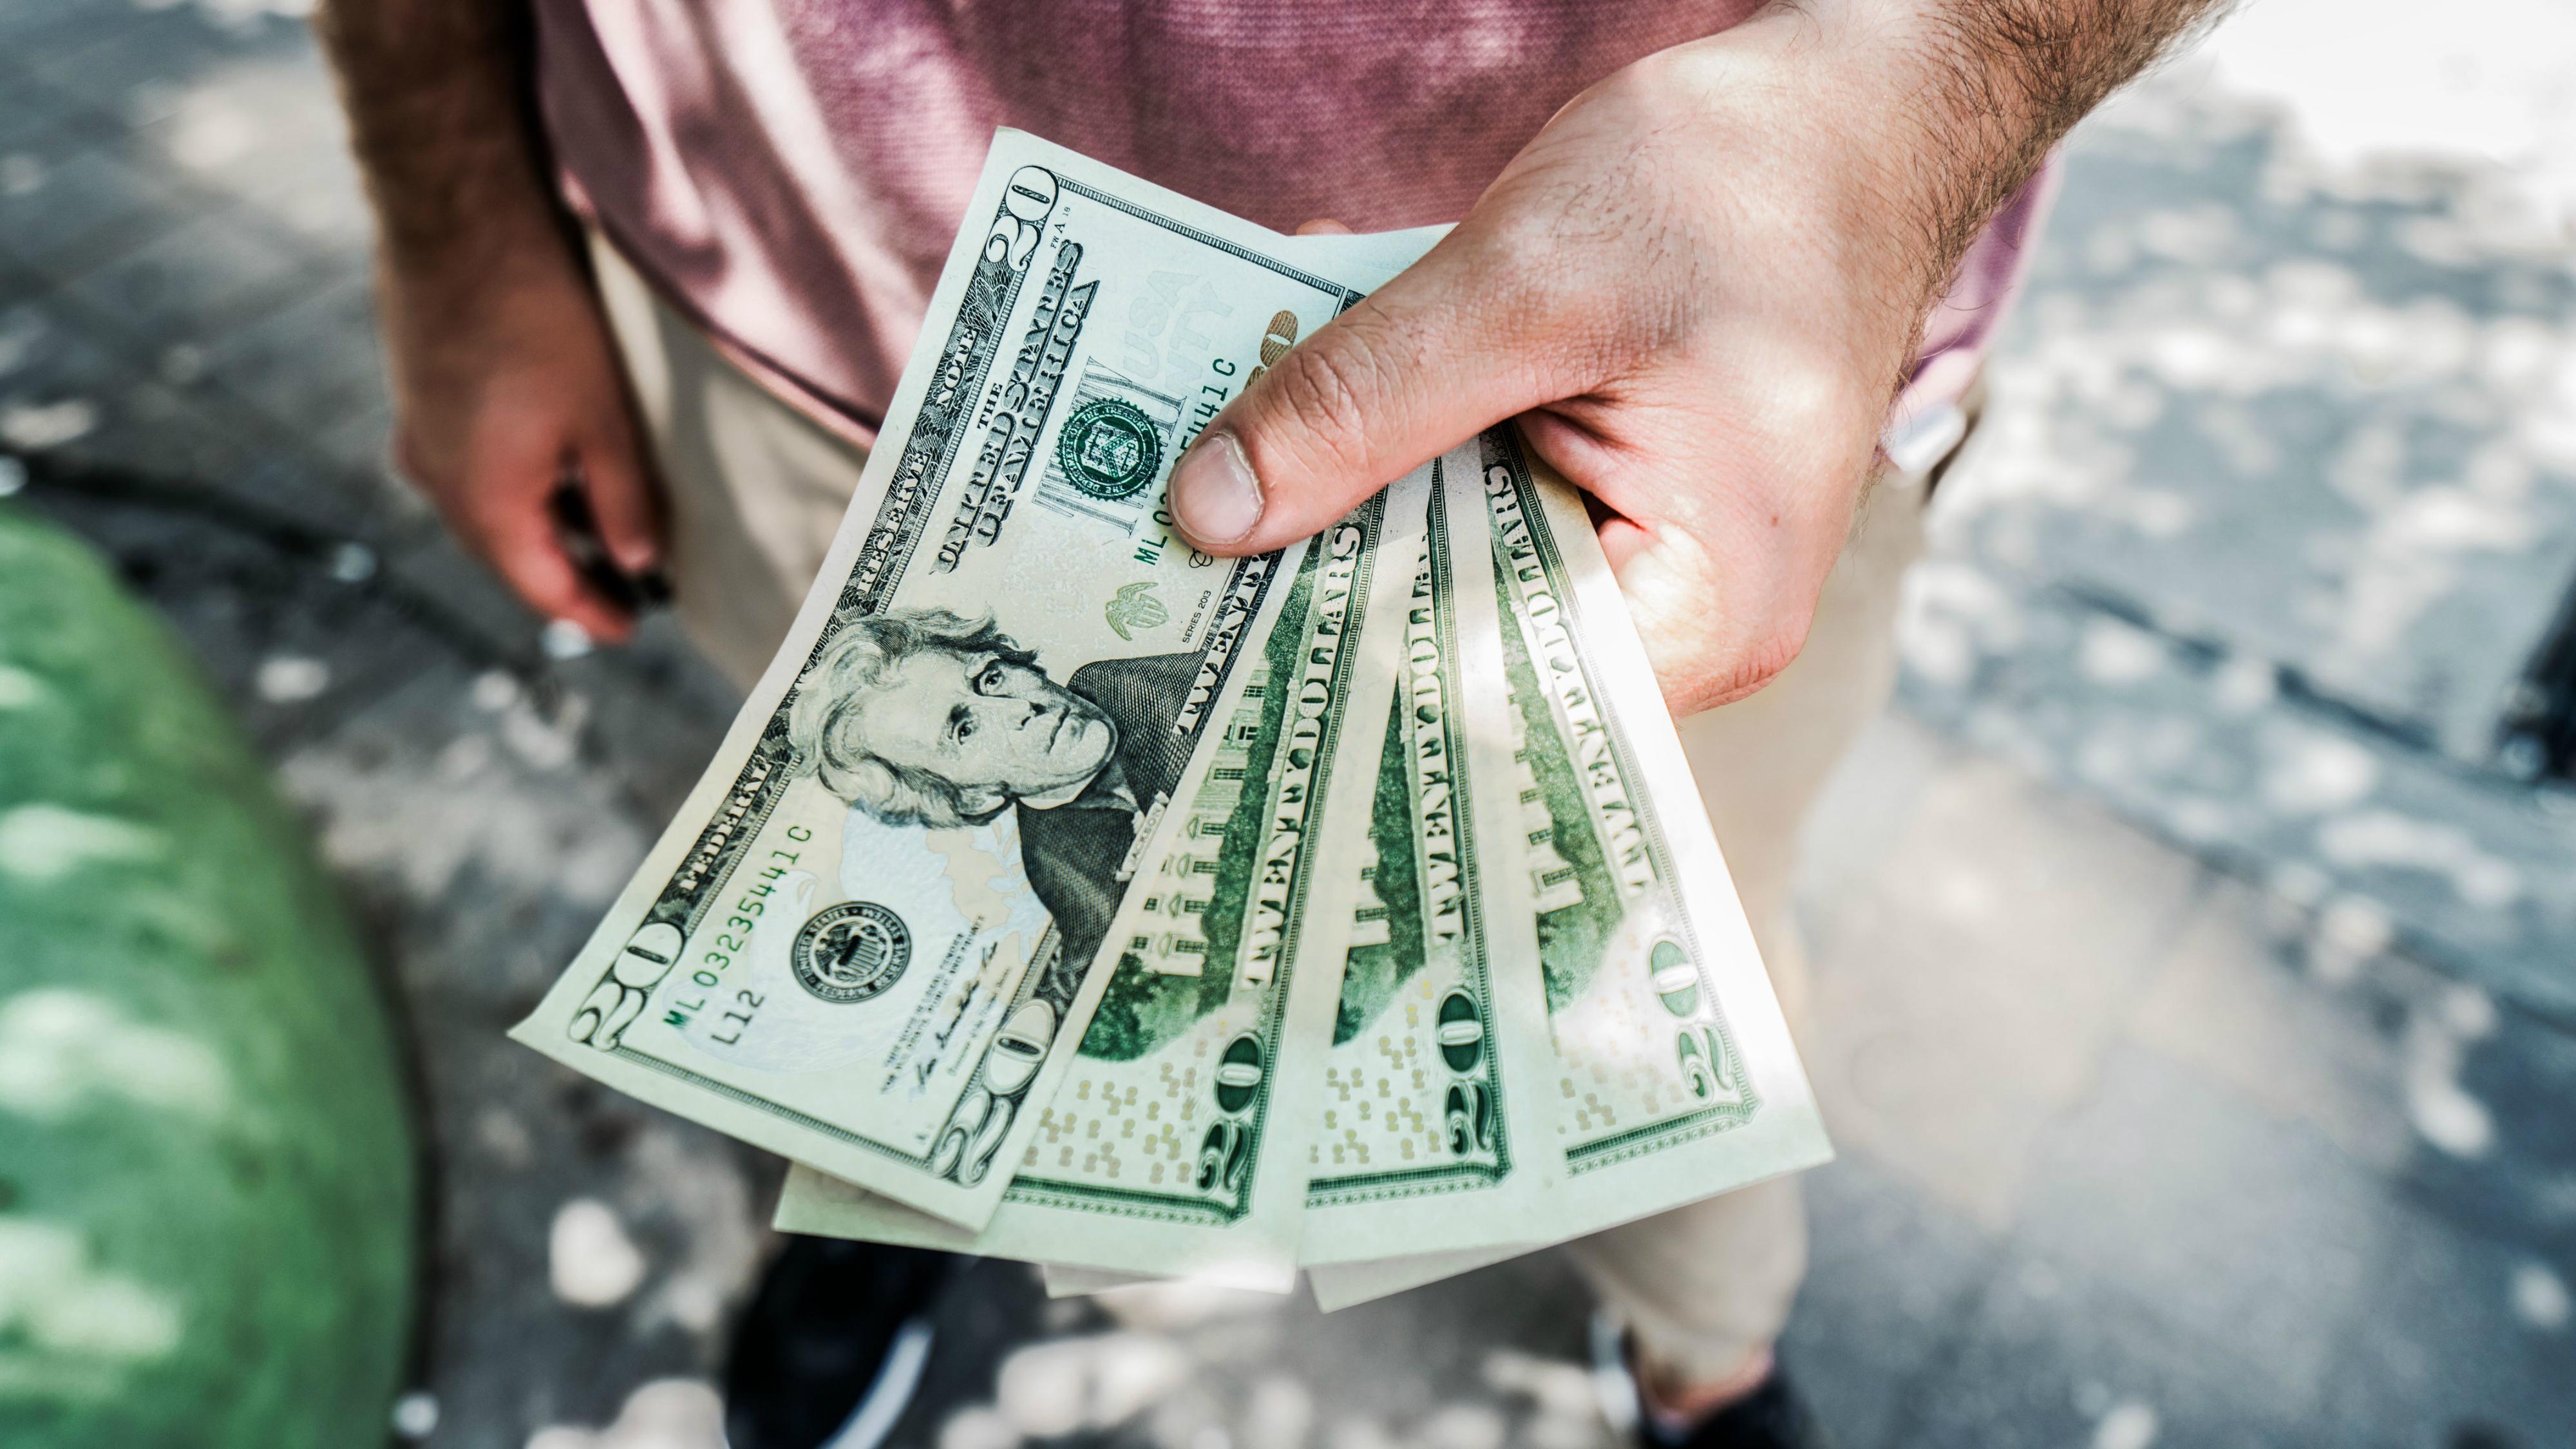 kur ieguldīt, lai ātri nopelnītu naudu